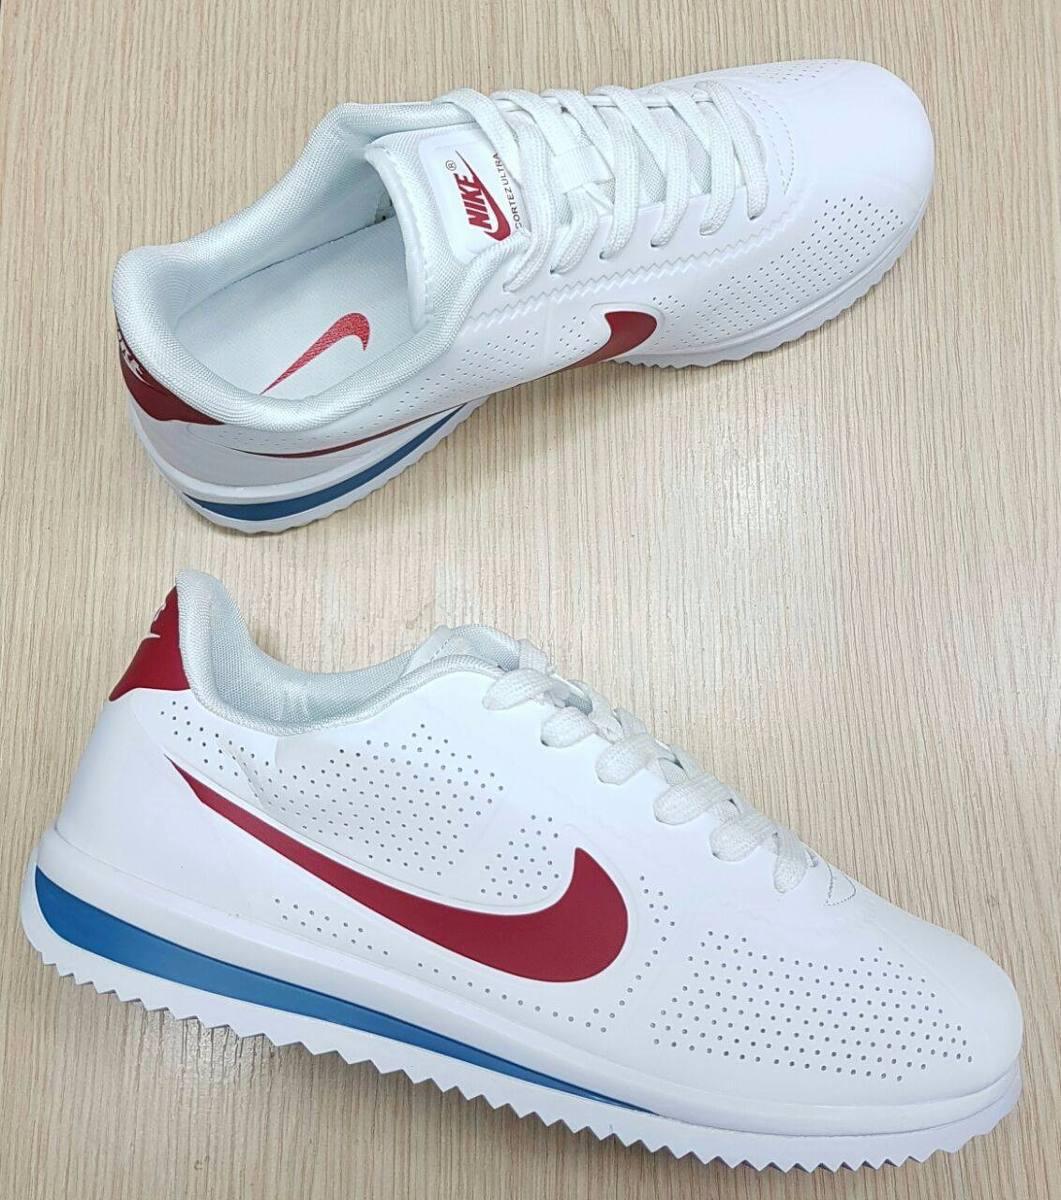 Tenis Nike Cortez Clasica Con Envío Gratis -   150.000 en Mercado Libre 45dcca0b5c277